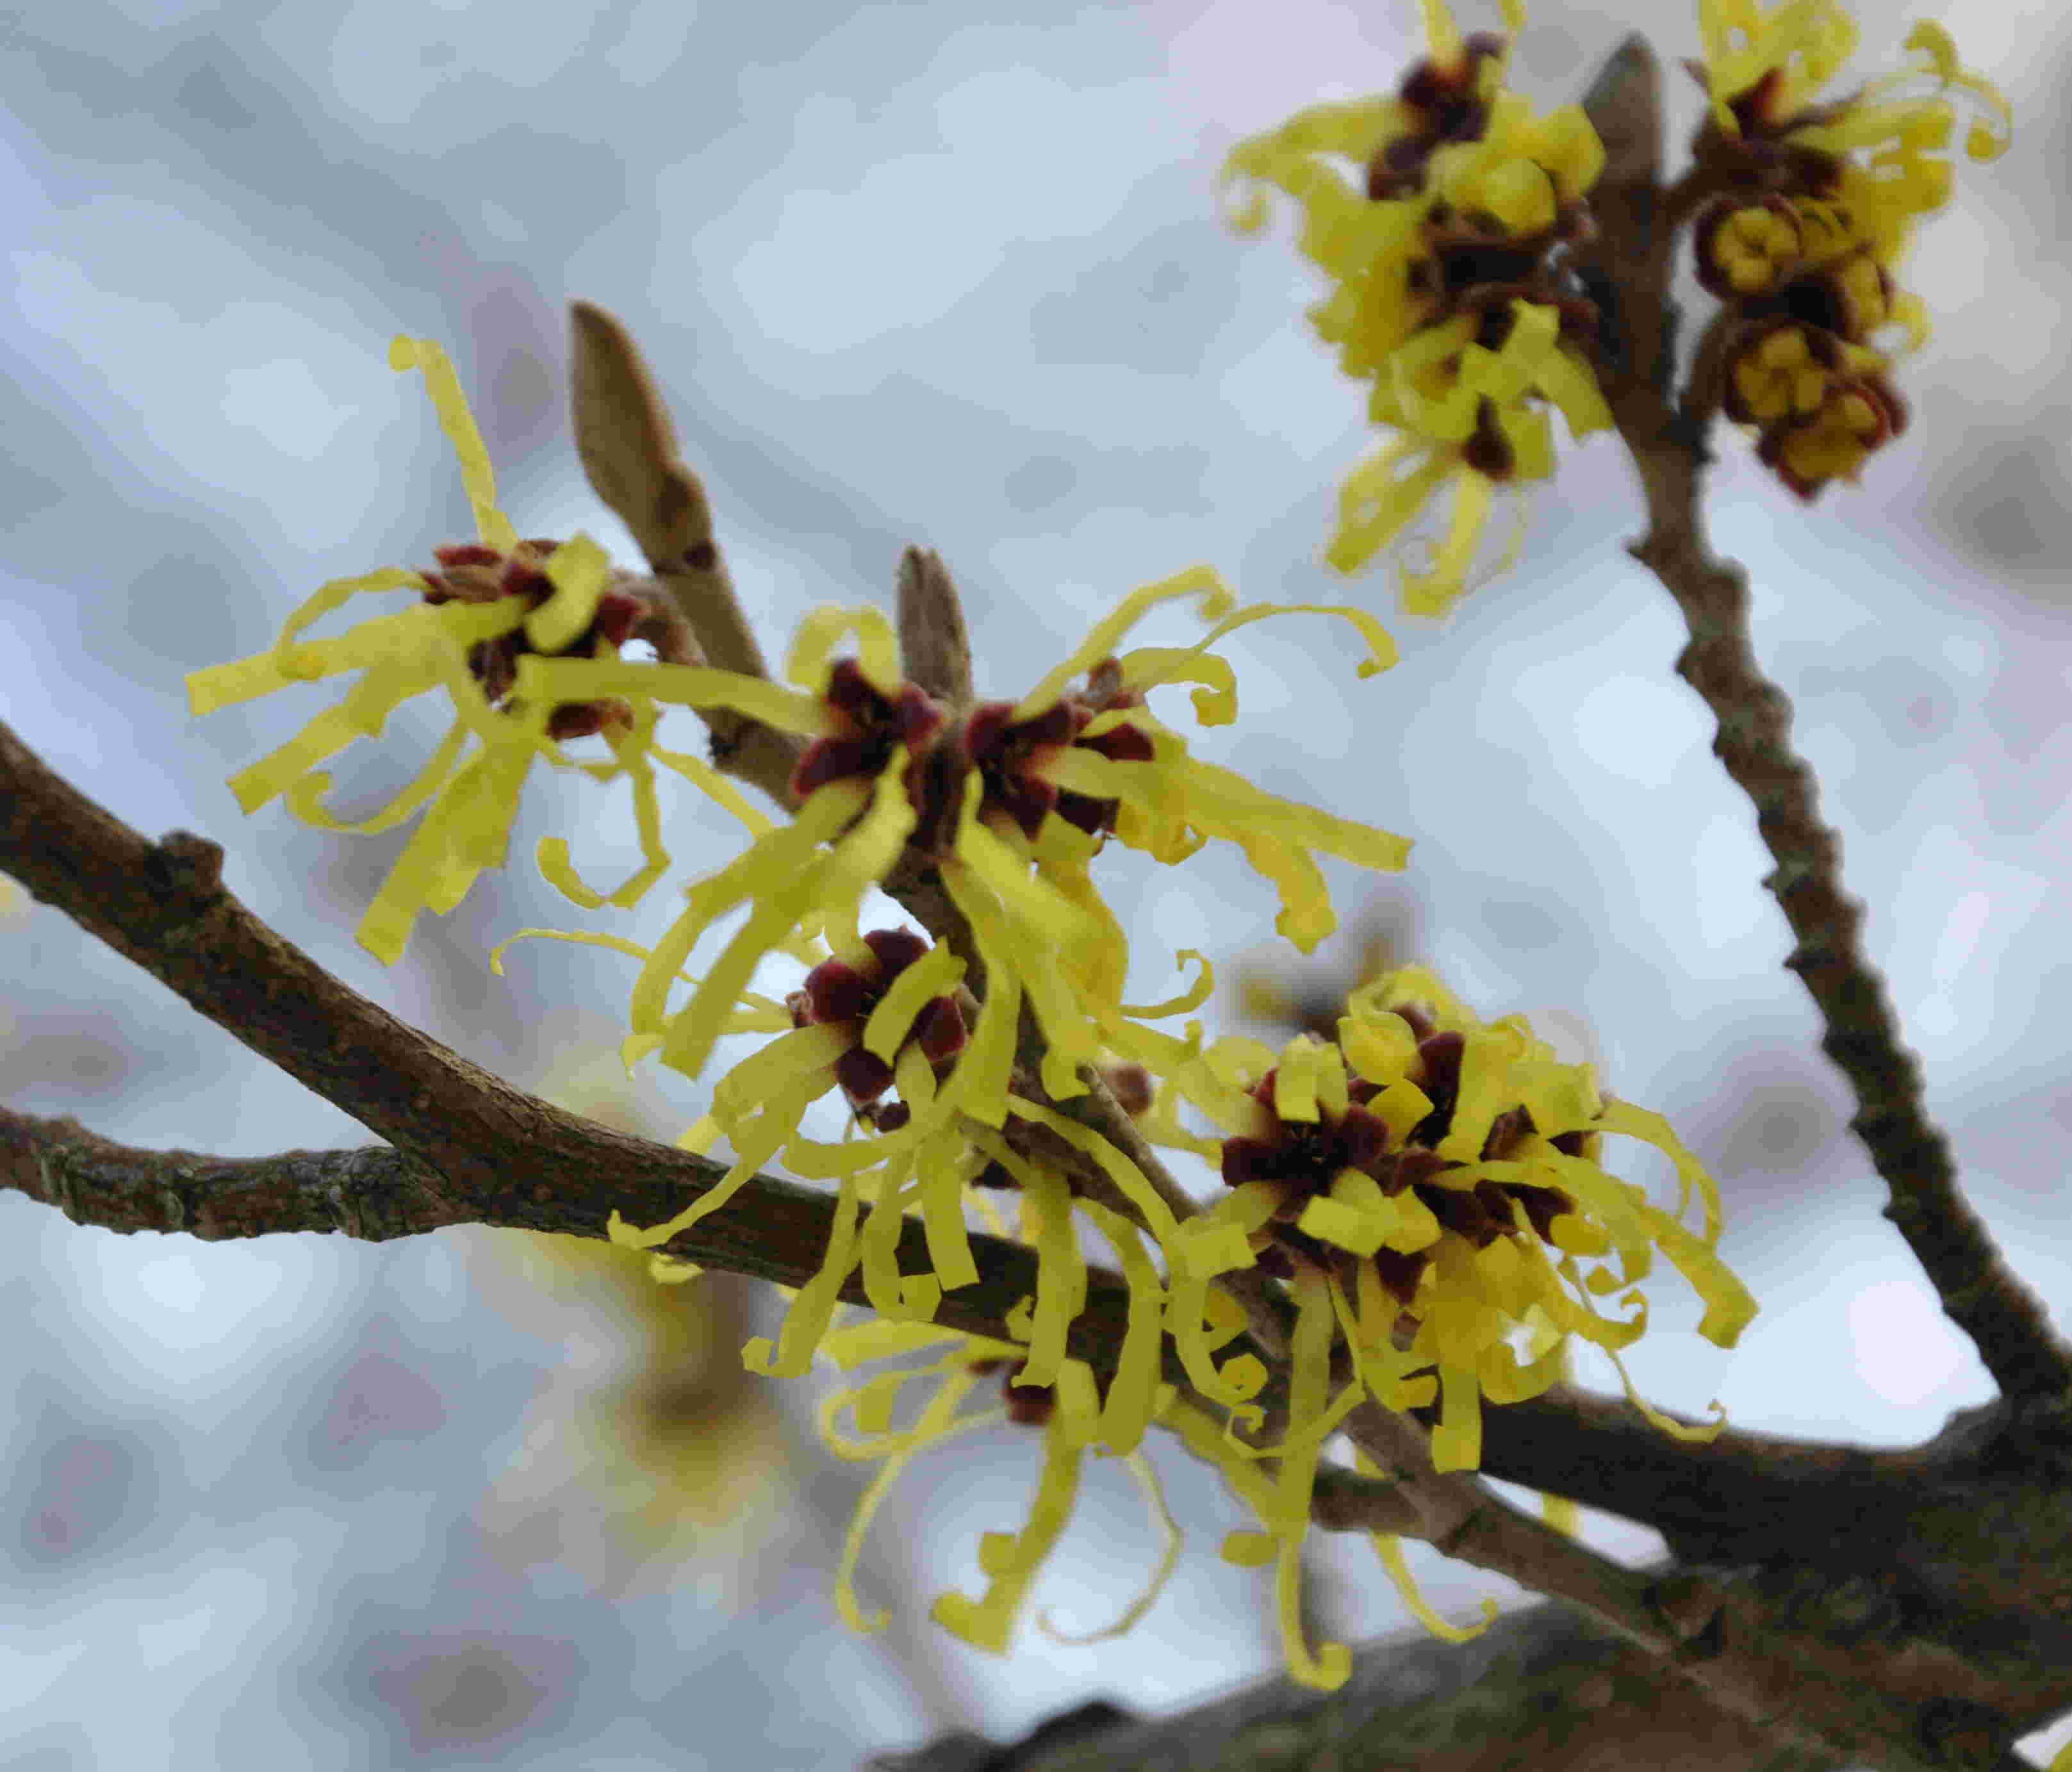 Trollhasselns trassliga blommor syns redan i januari i bästa fall.